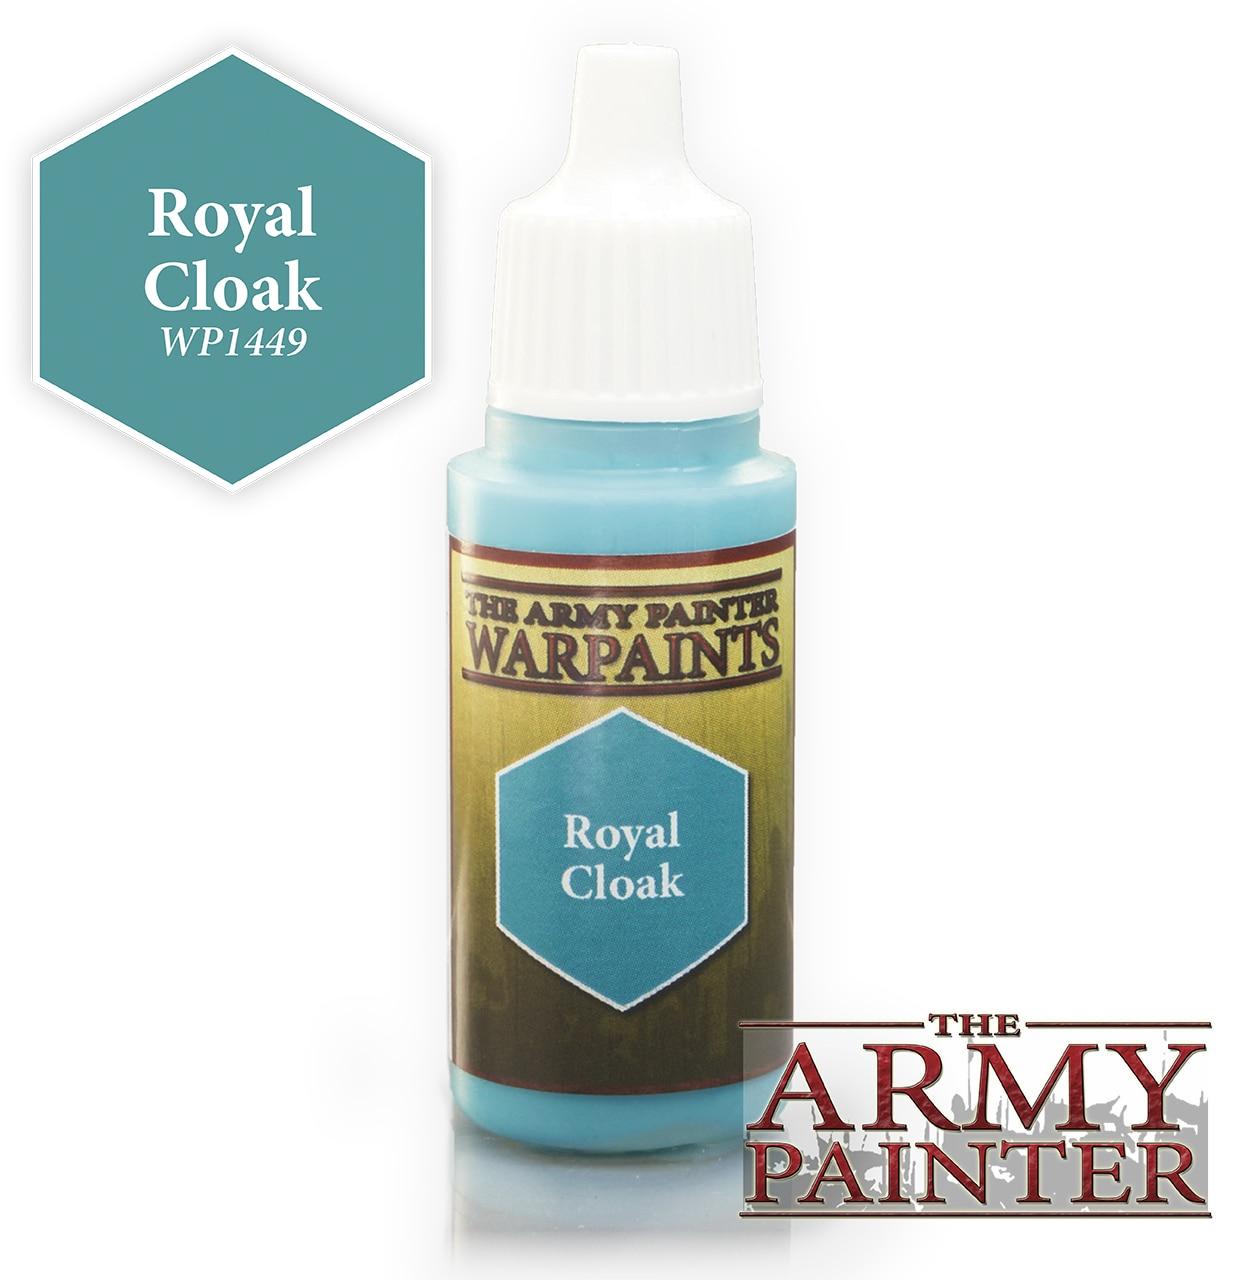 Army Painter Warpaint - Royal Cloak